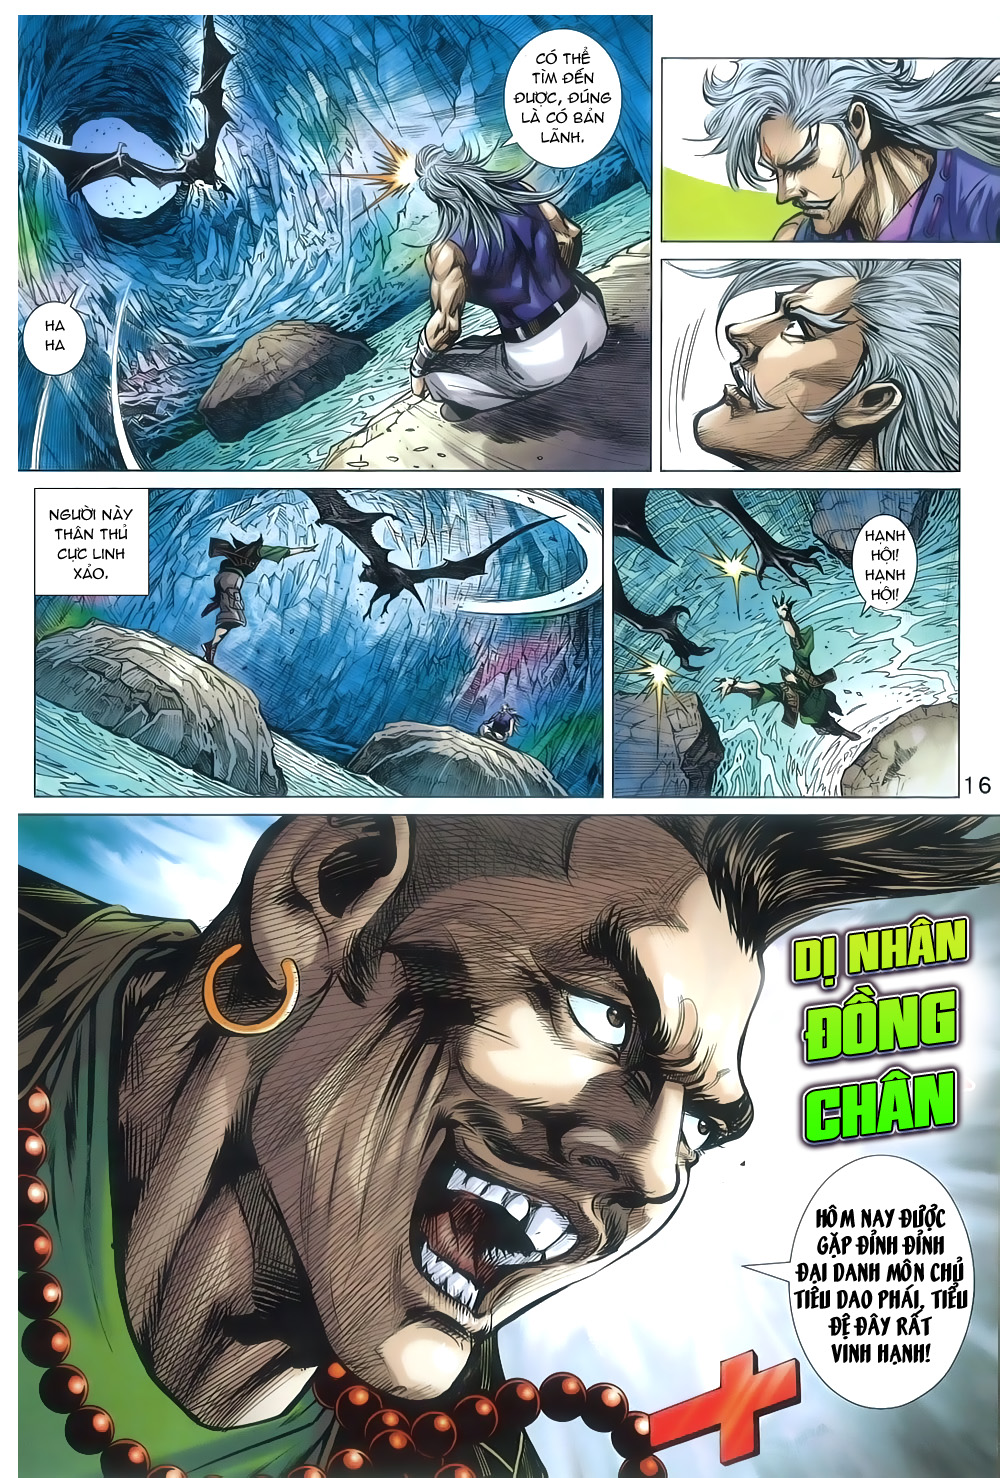 Tân Tác Long Hổ Môn chap 805 Trang 16 - Mangak.info